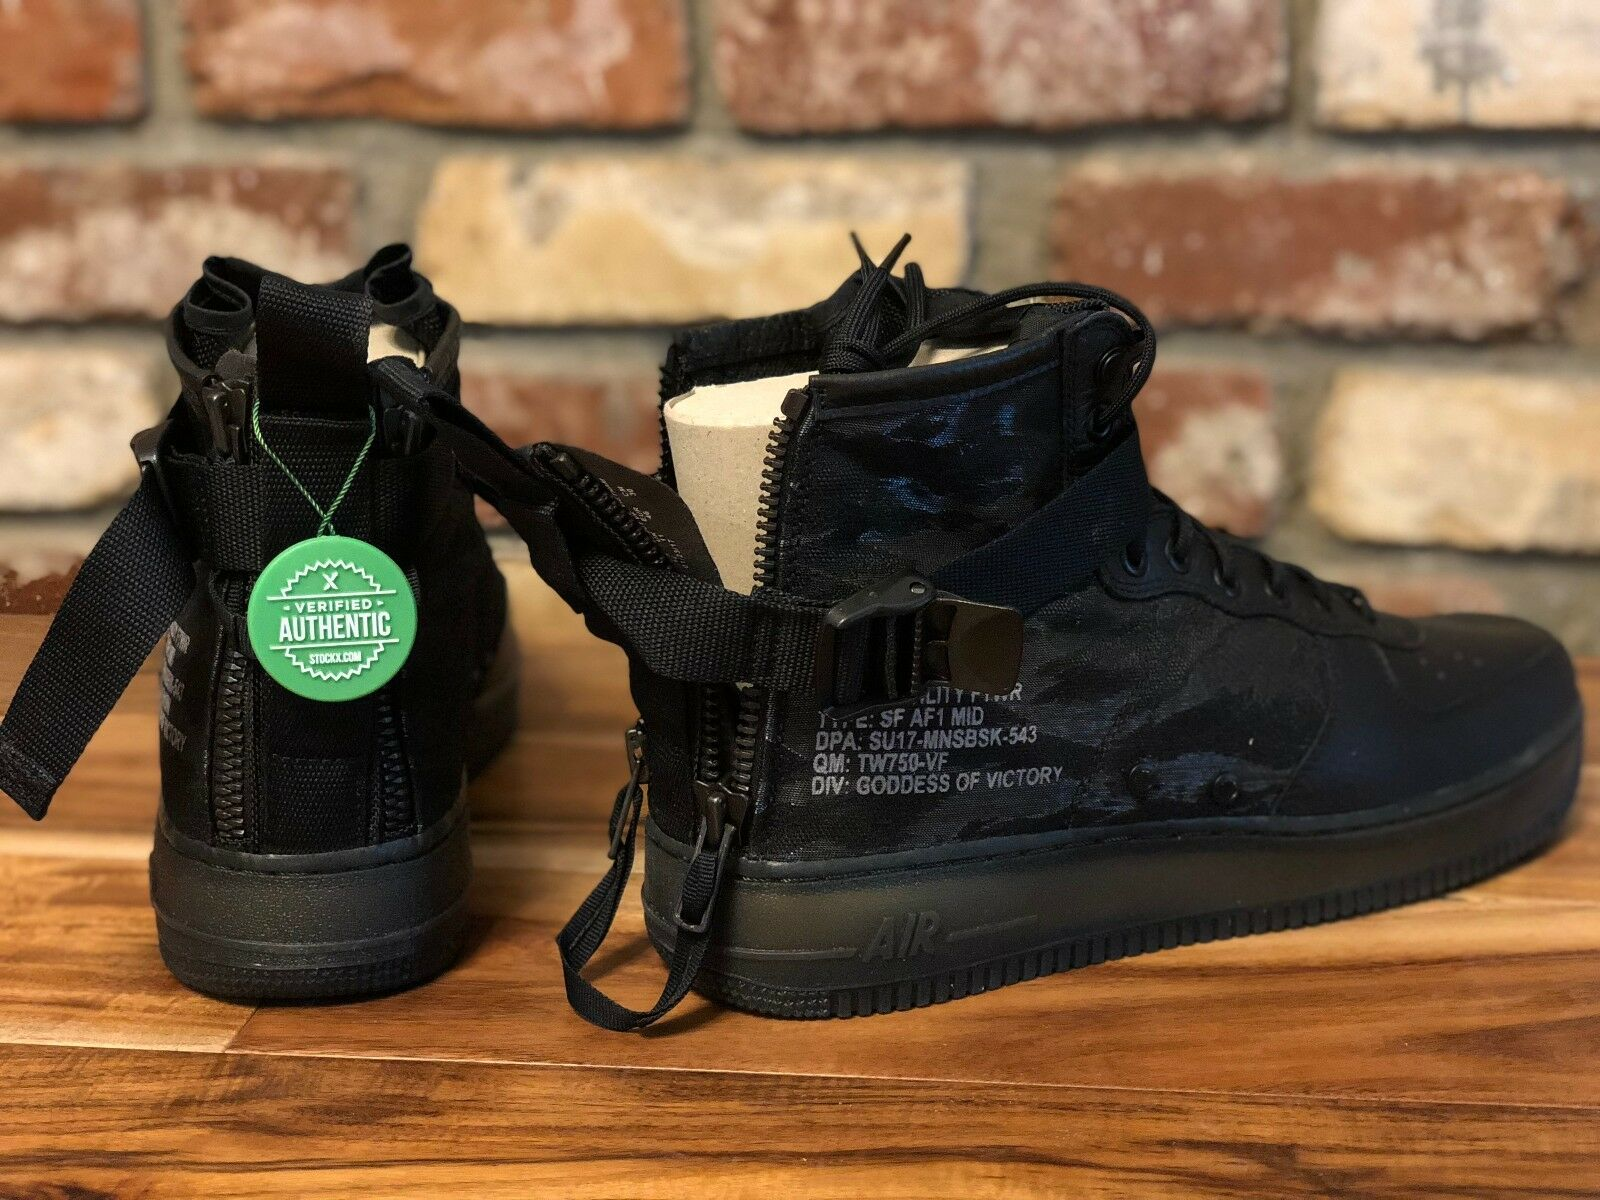 Nike sf air force 1 metà un carico nero (di cachi taglia 12 uomini e 'il sergente (di nero nuovo in scatola) b76098